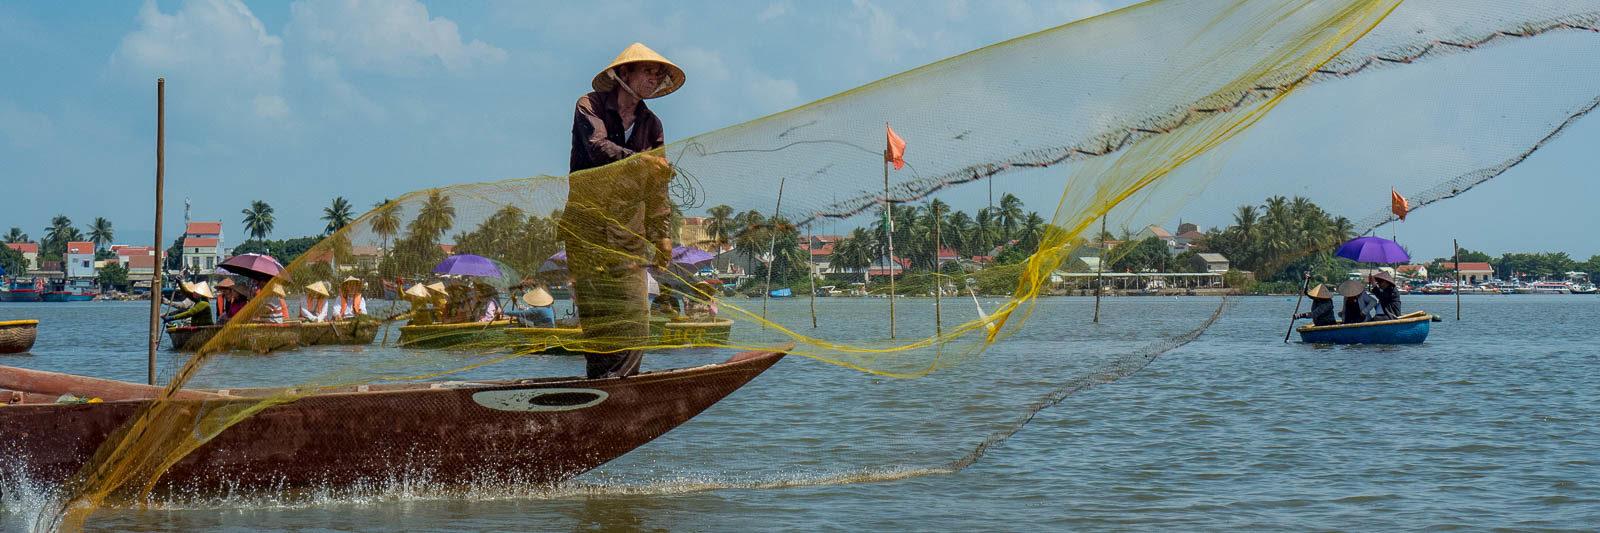 things to do from Da Nang to Hoi An, Vietnam